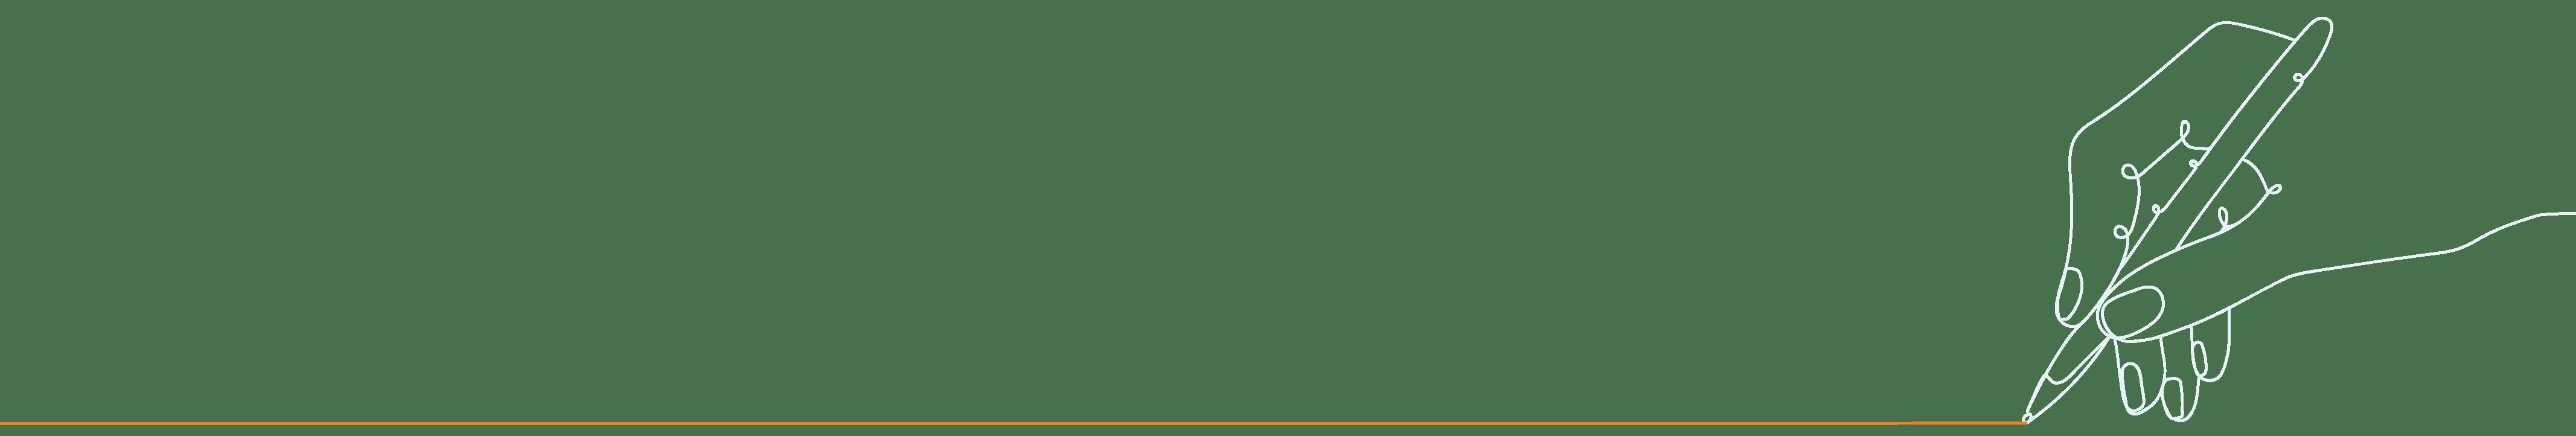 Stilisierte Zeichnung: Stift zieht orangene Linie